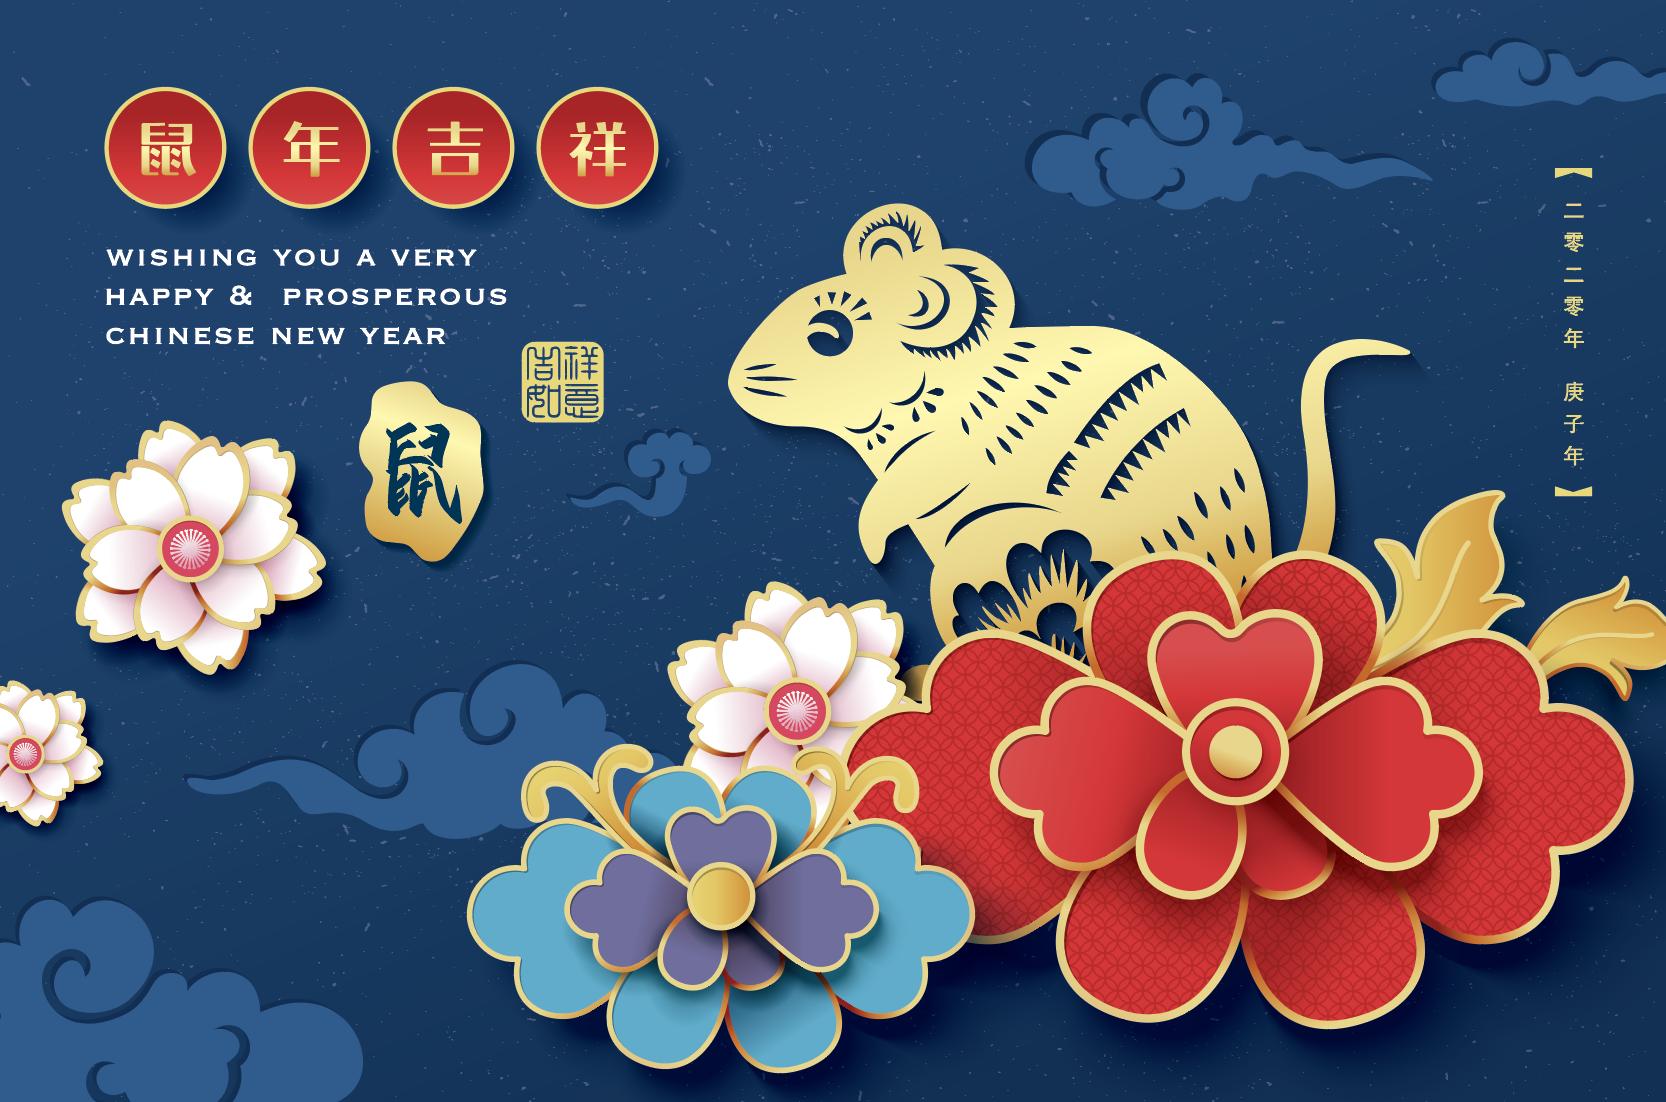 2020新年农历鼠年EPS矢量图形合集 Rat symbol New Year 2020 cartoon illustration 4插图(4)